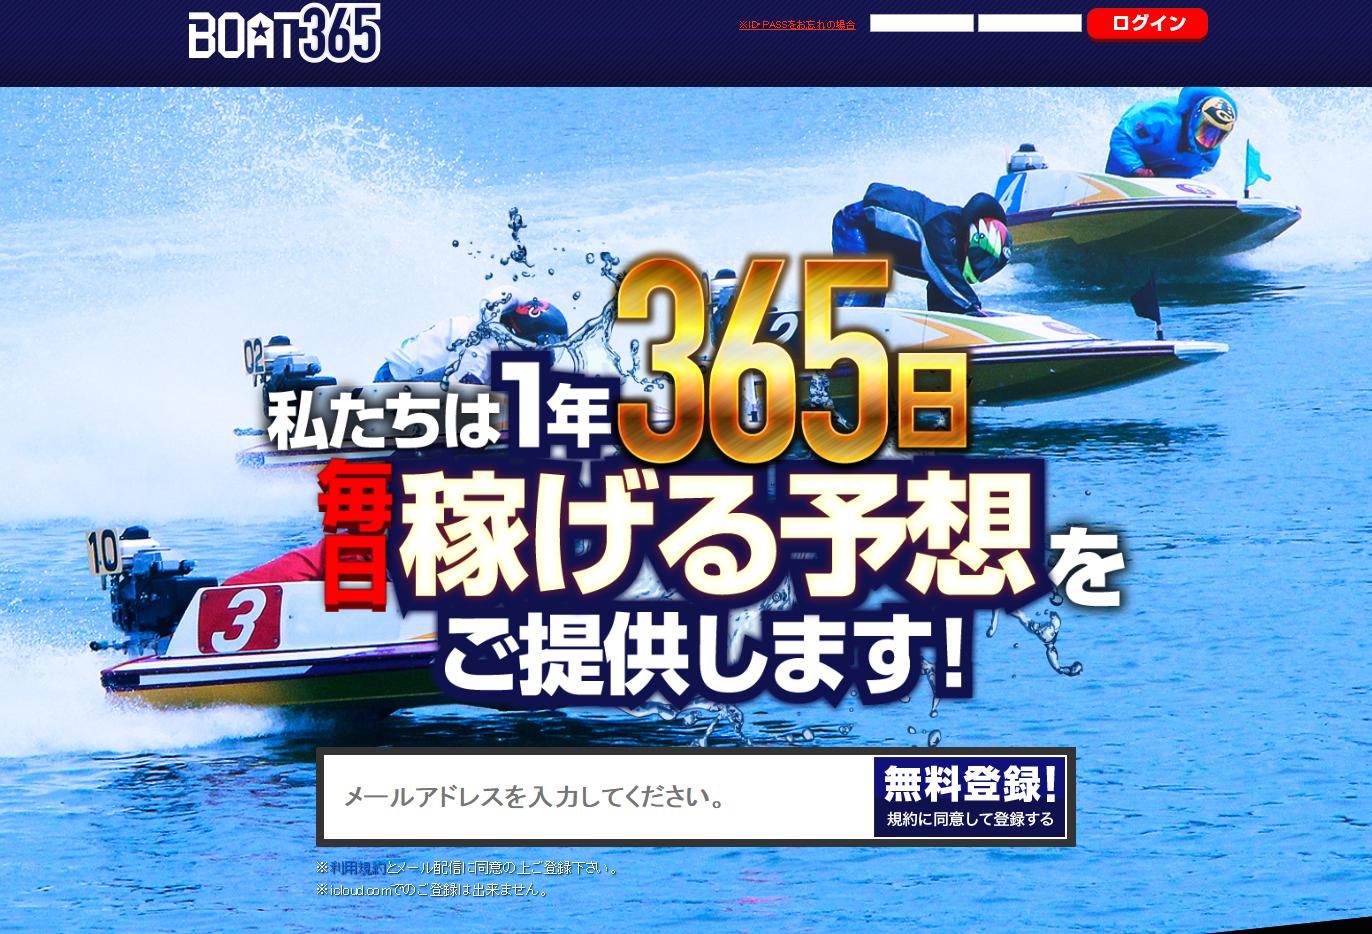 悪徳・悪質競艇(ボートレース)予想サイト BOAT365(ボート365)